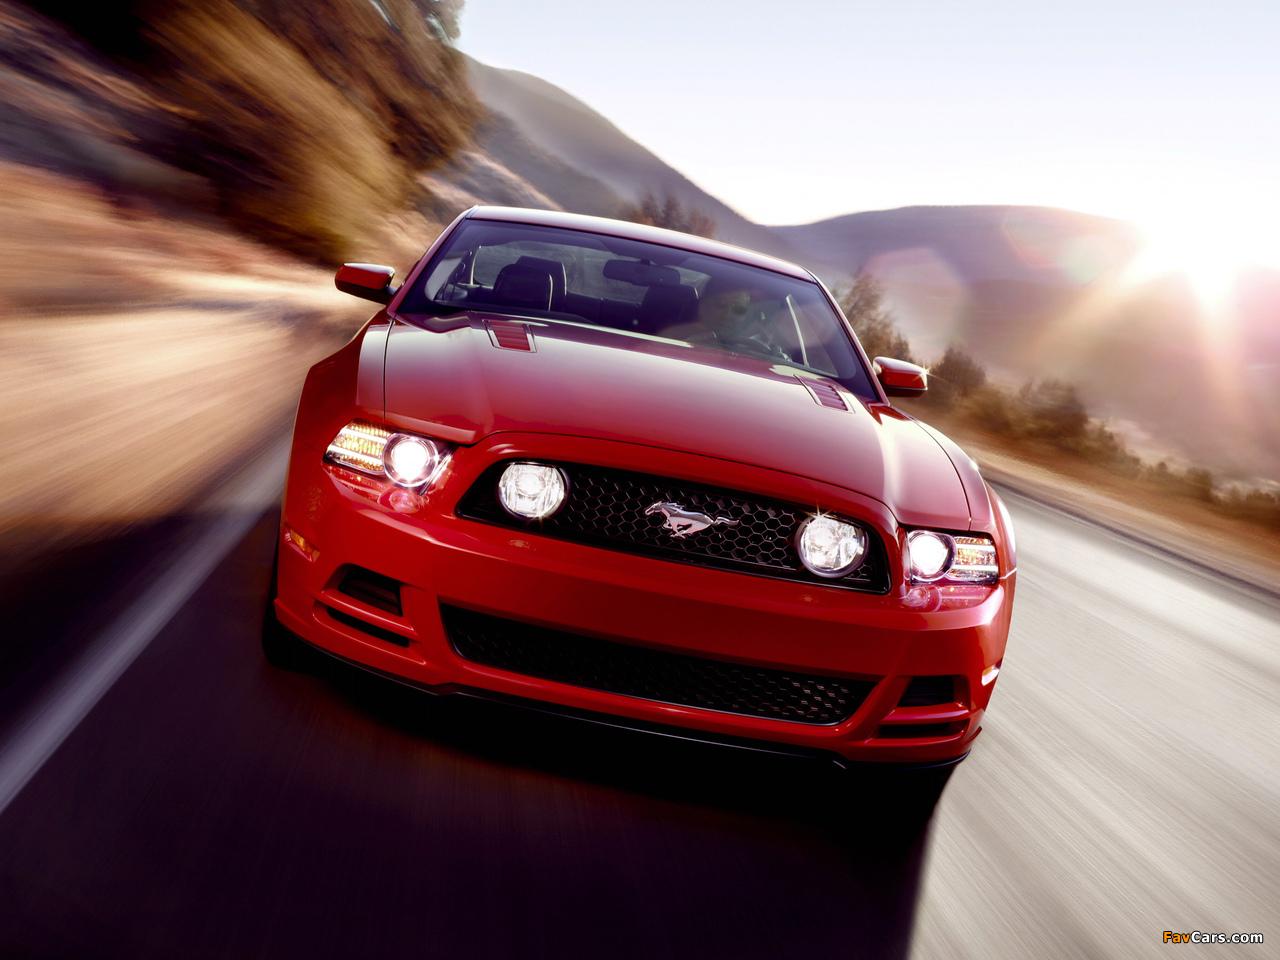 Mustang 5.0 GT 2012 photos (1280 x 960)